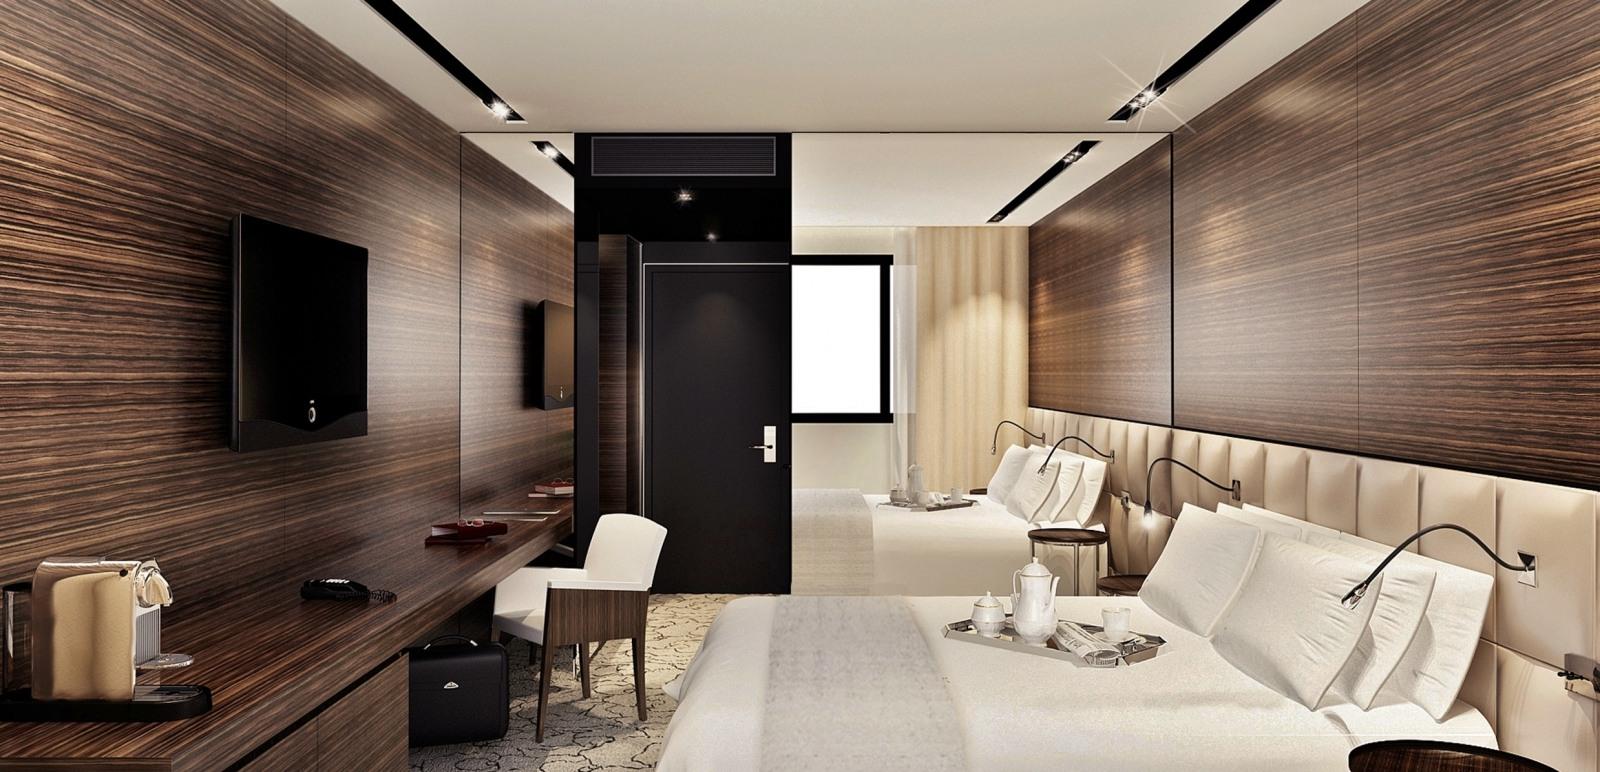 Howard Hôtel - Des chambres aux lignes épurées et au luxe sobre